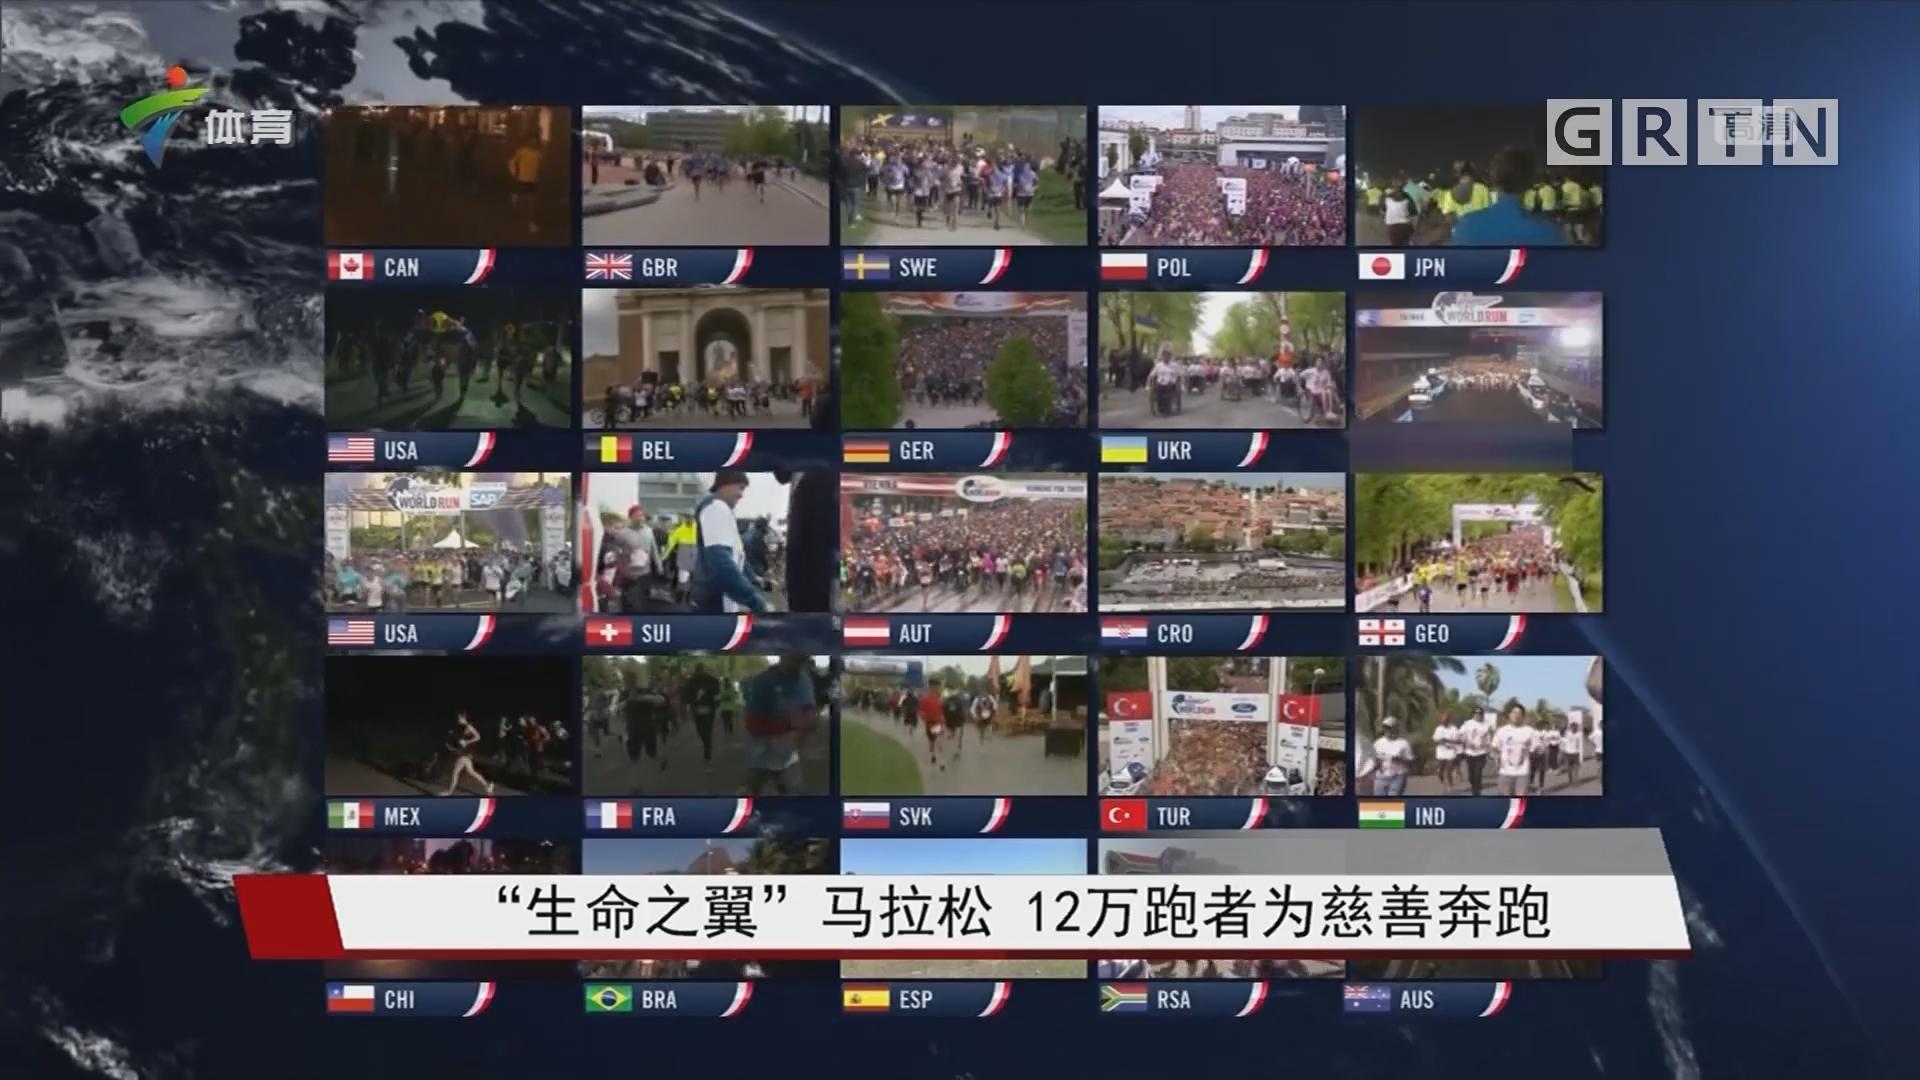 """""""生命之翼""""马拉松 12万跑者为慈善奔跑"""